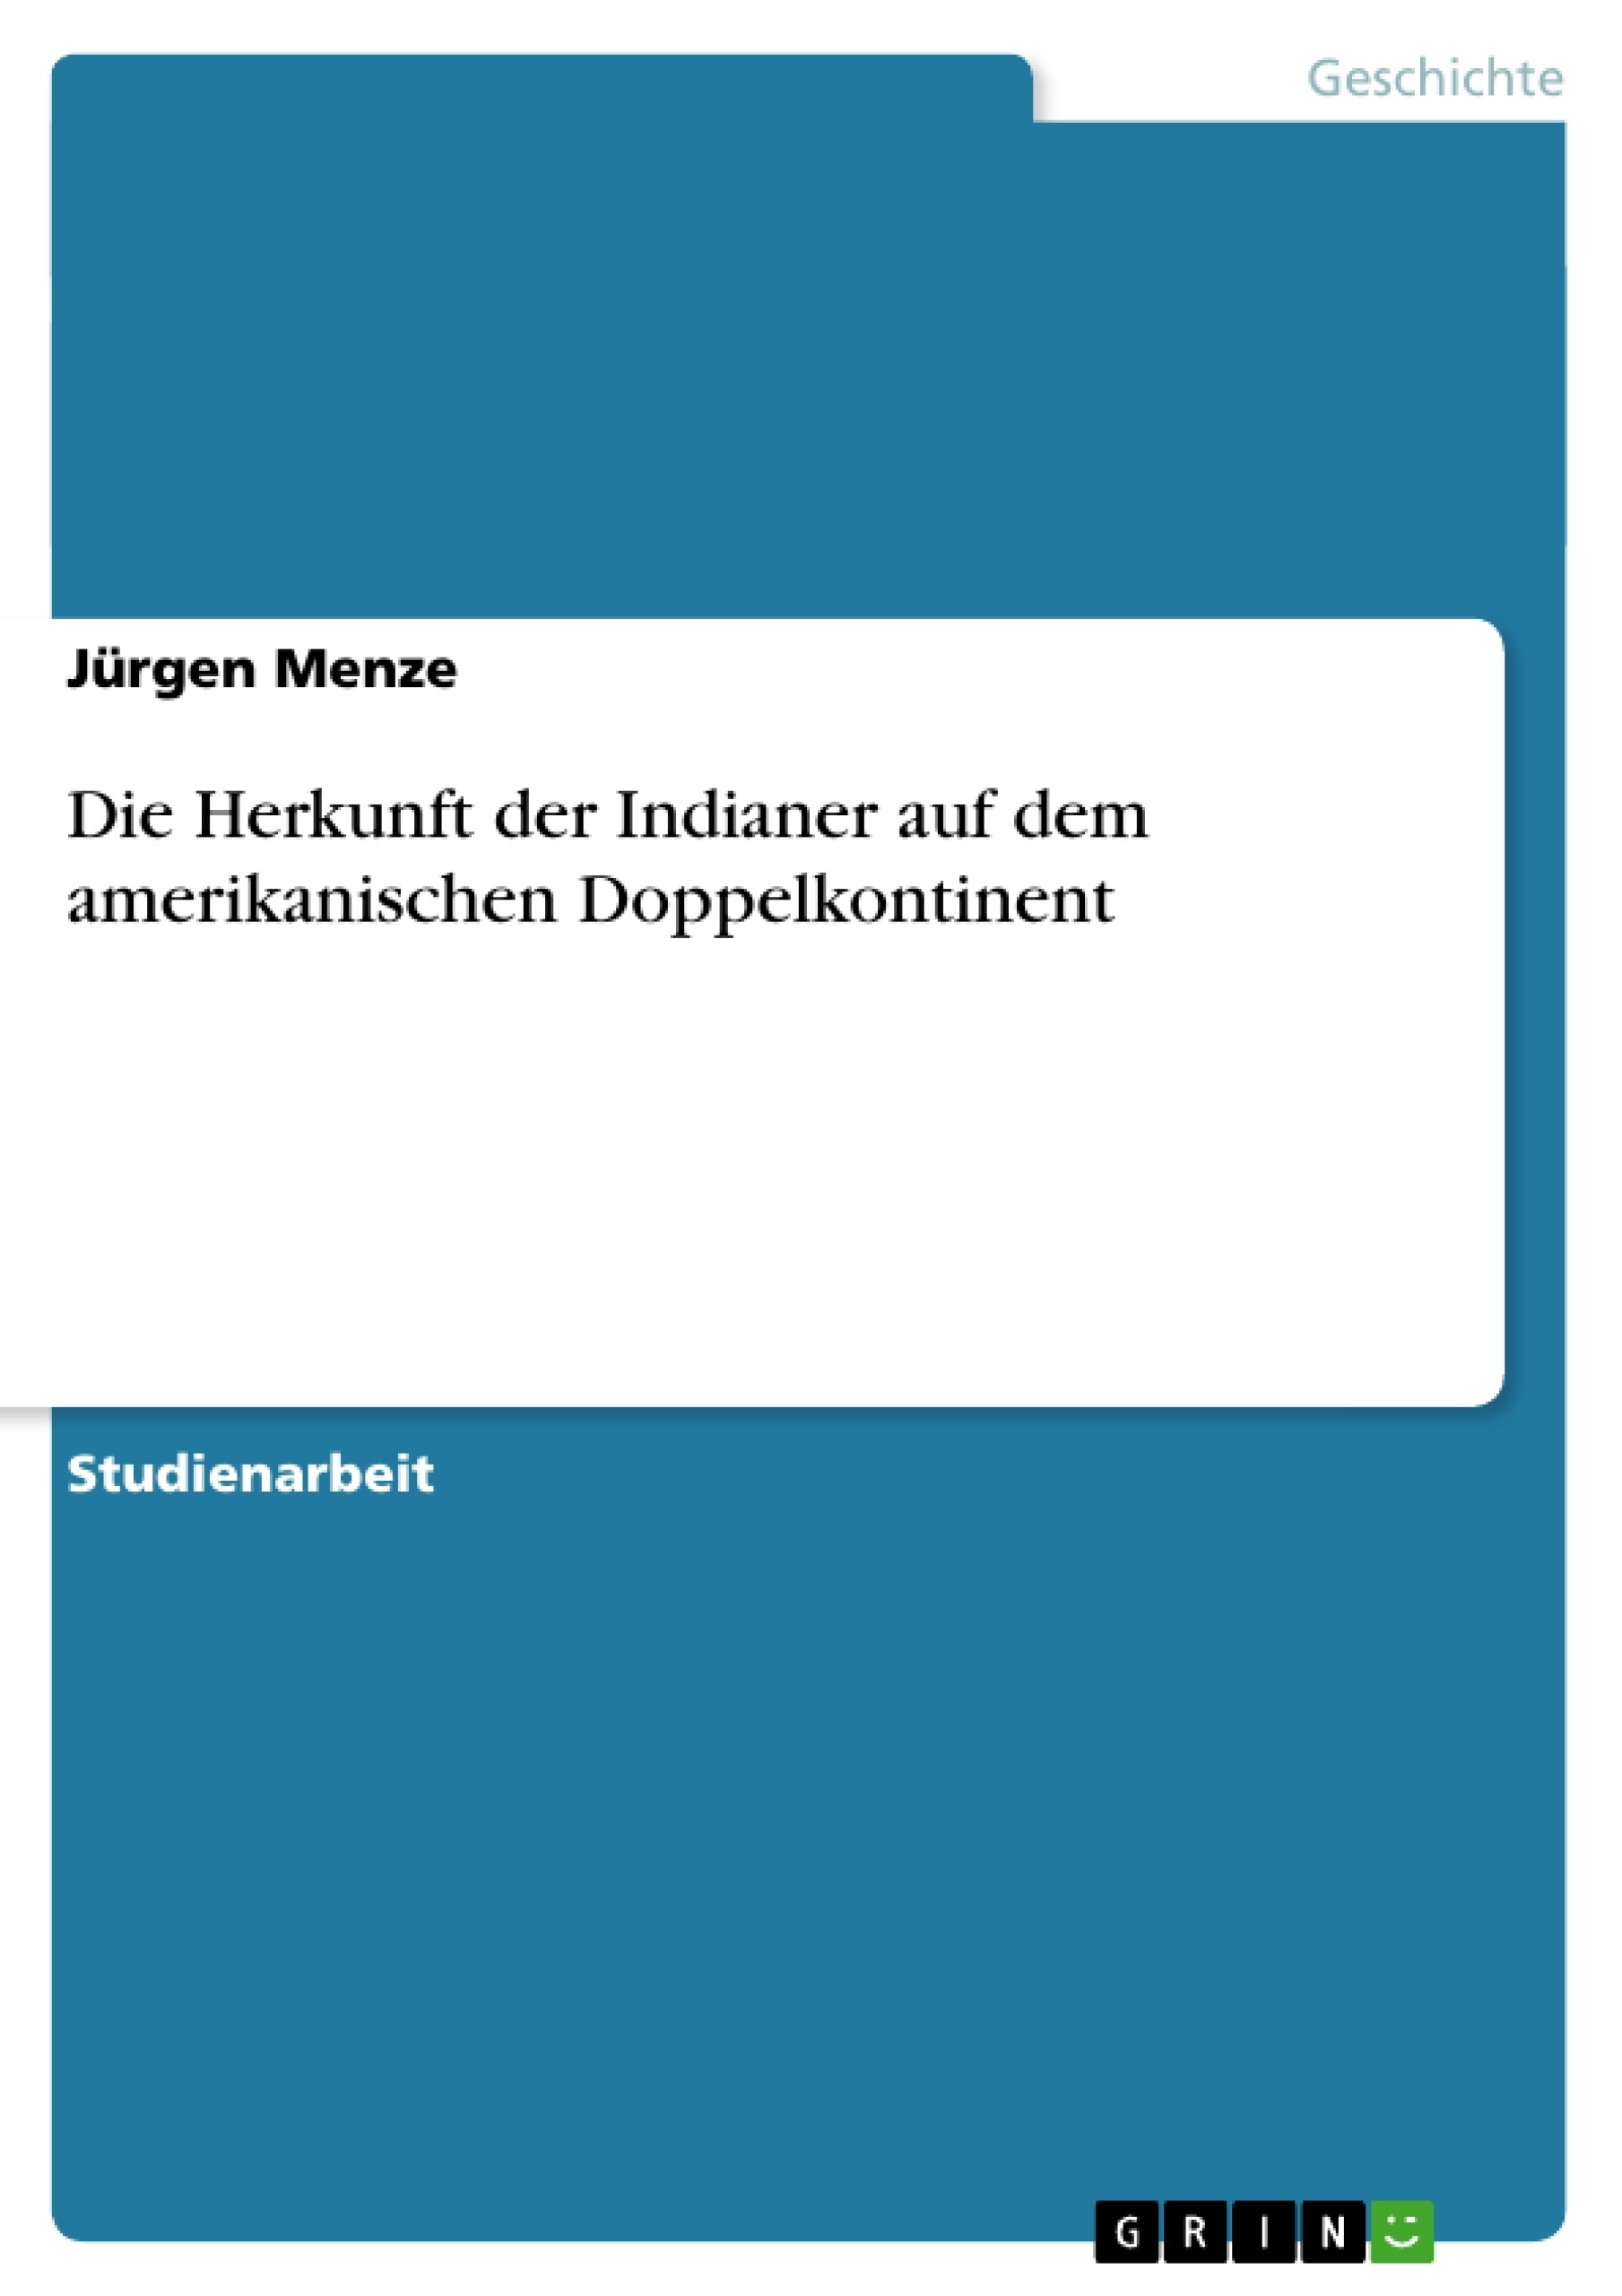 Titel: Die Herkunft der Indianer auf dem amerikanischen Doppelkontinent